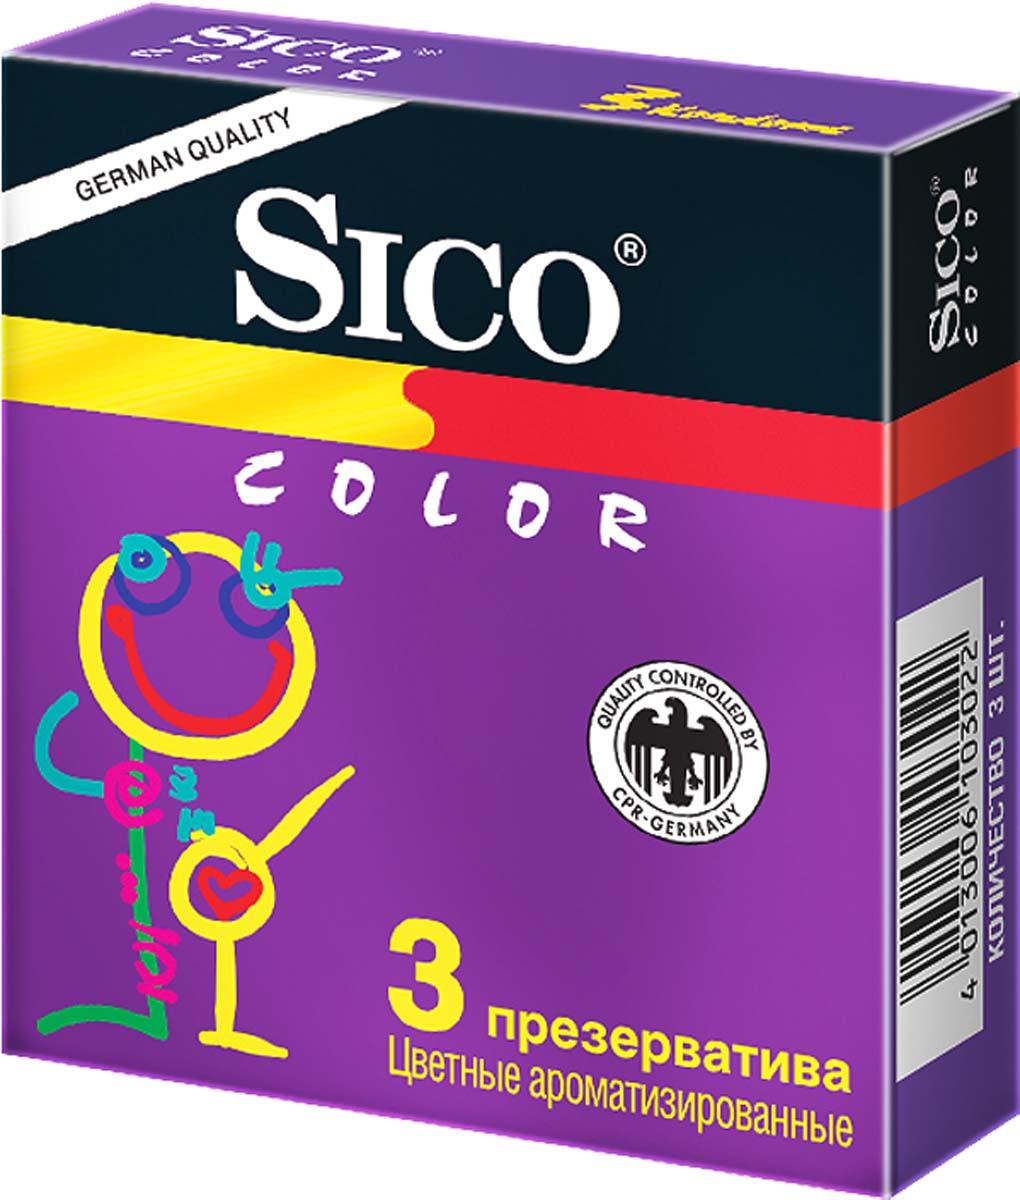 SICO Презервативы Color, цветные ароматизированные, 3 шт sico презервативы color цветные ароматизированные 3 шт